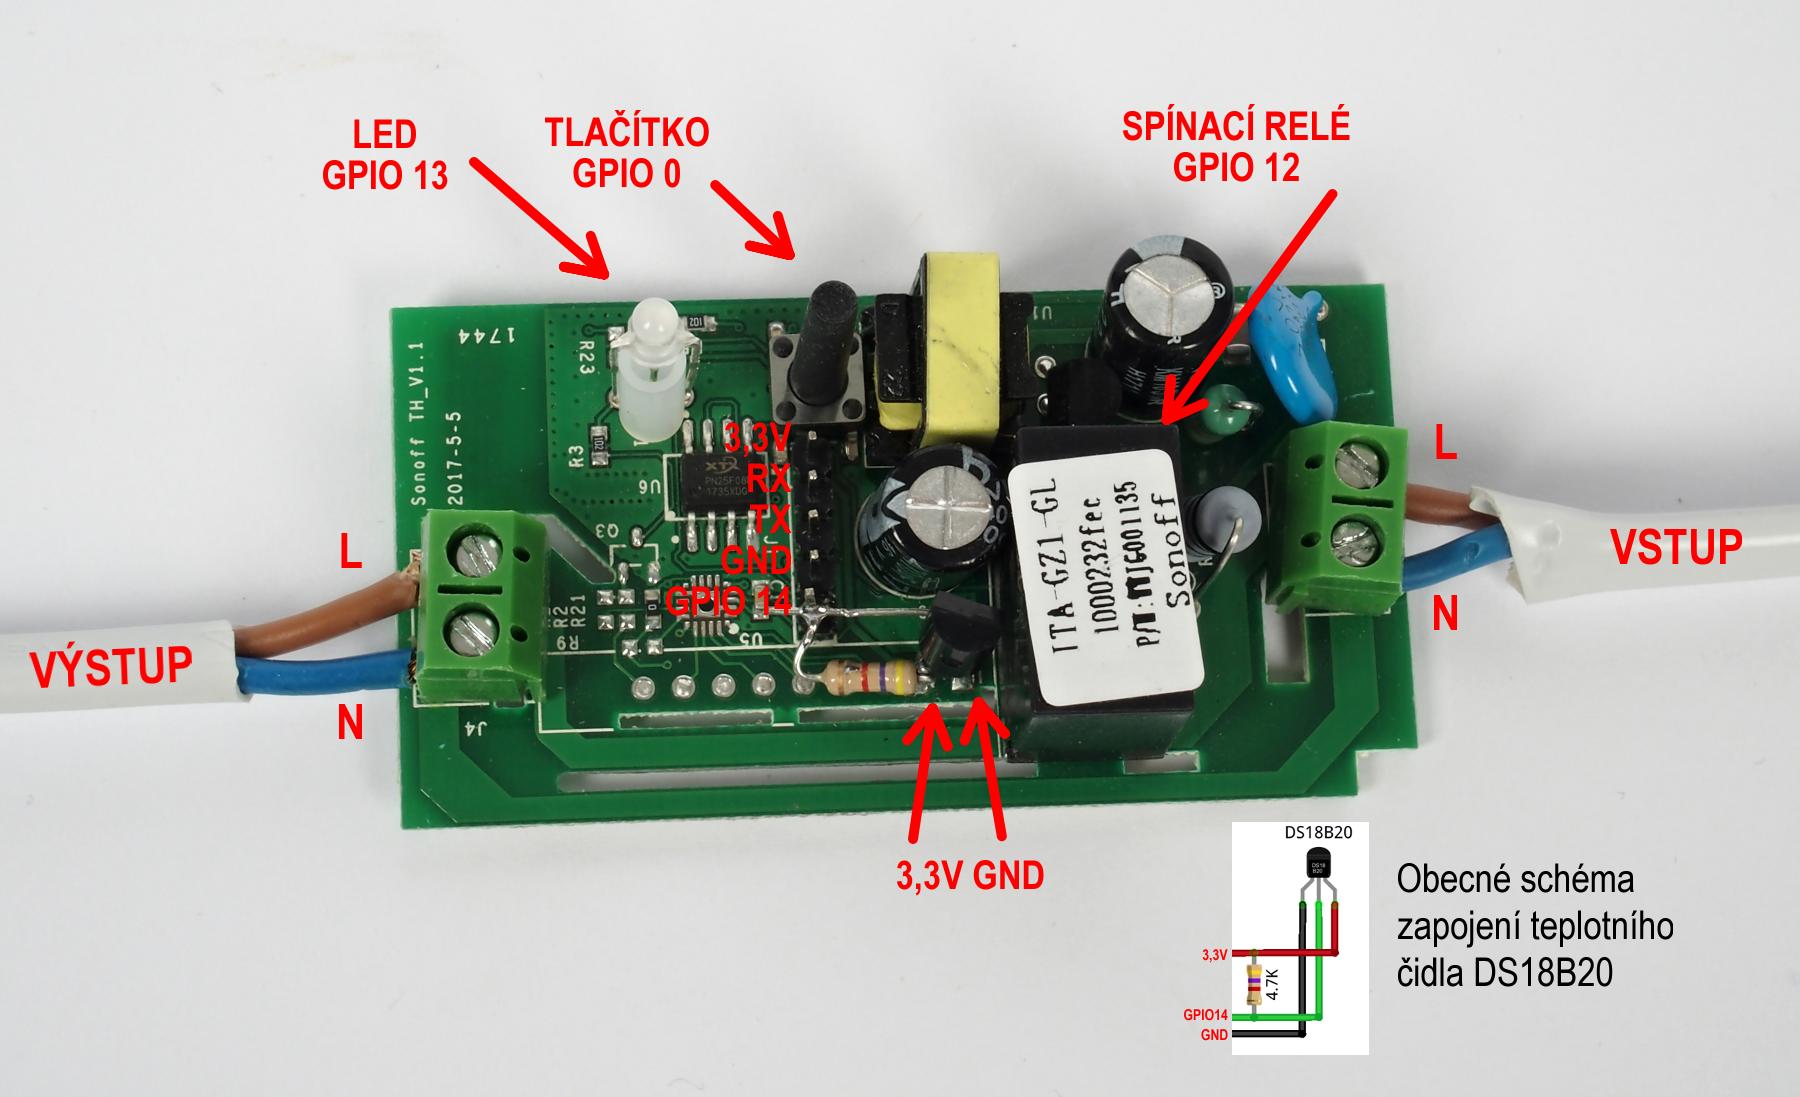 Pojďme programovat elektroniku: Hackneme ultralevný Sonoff a